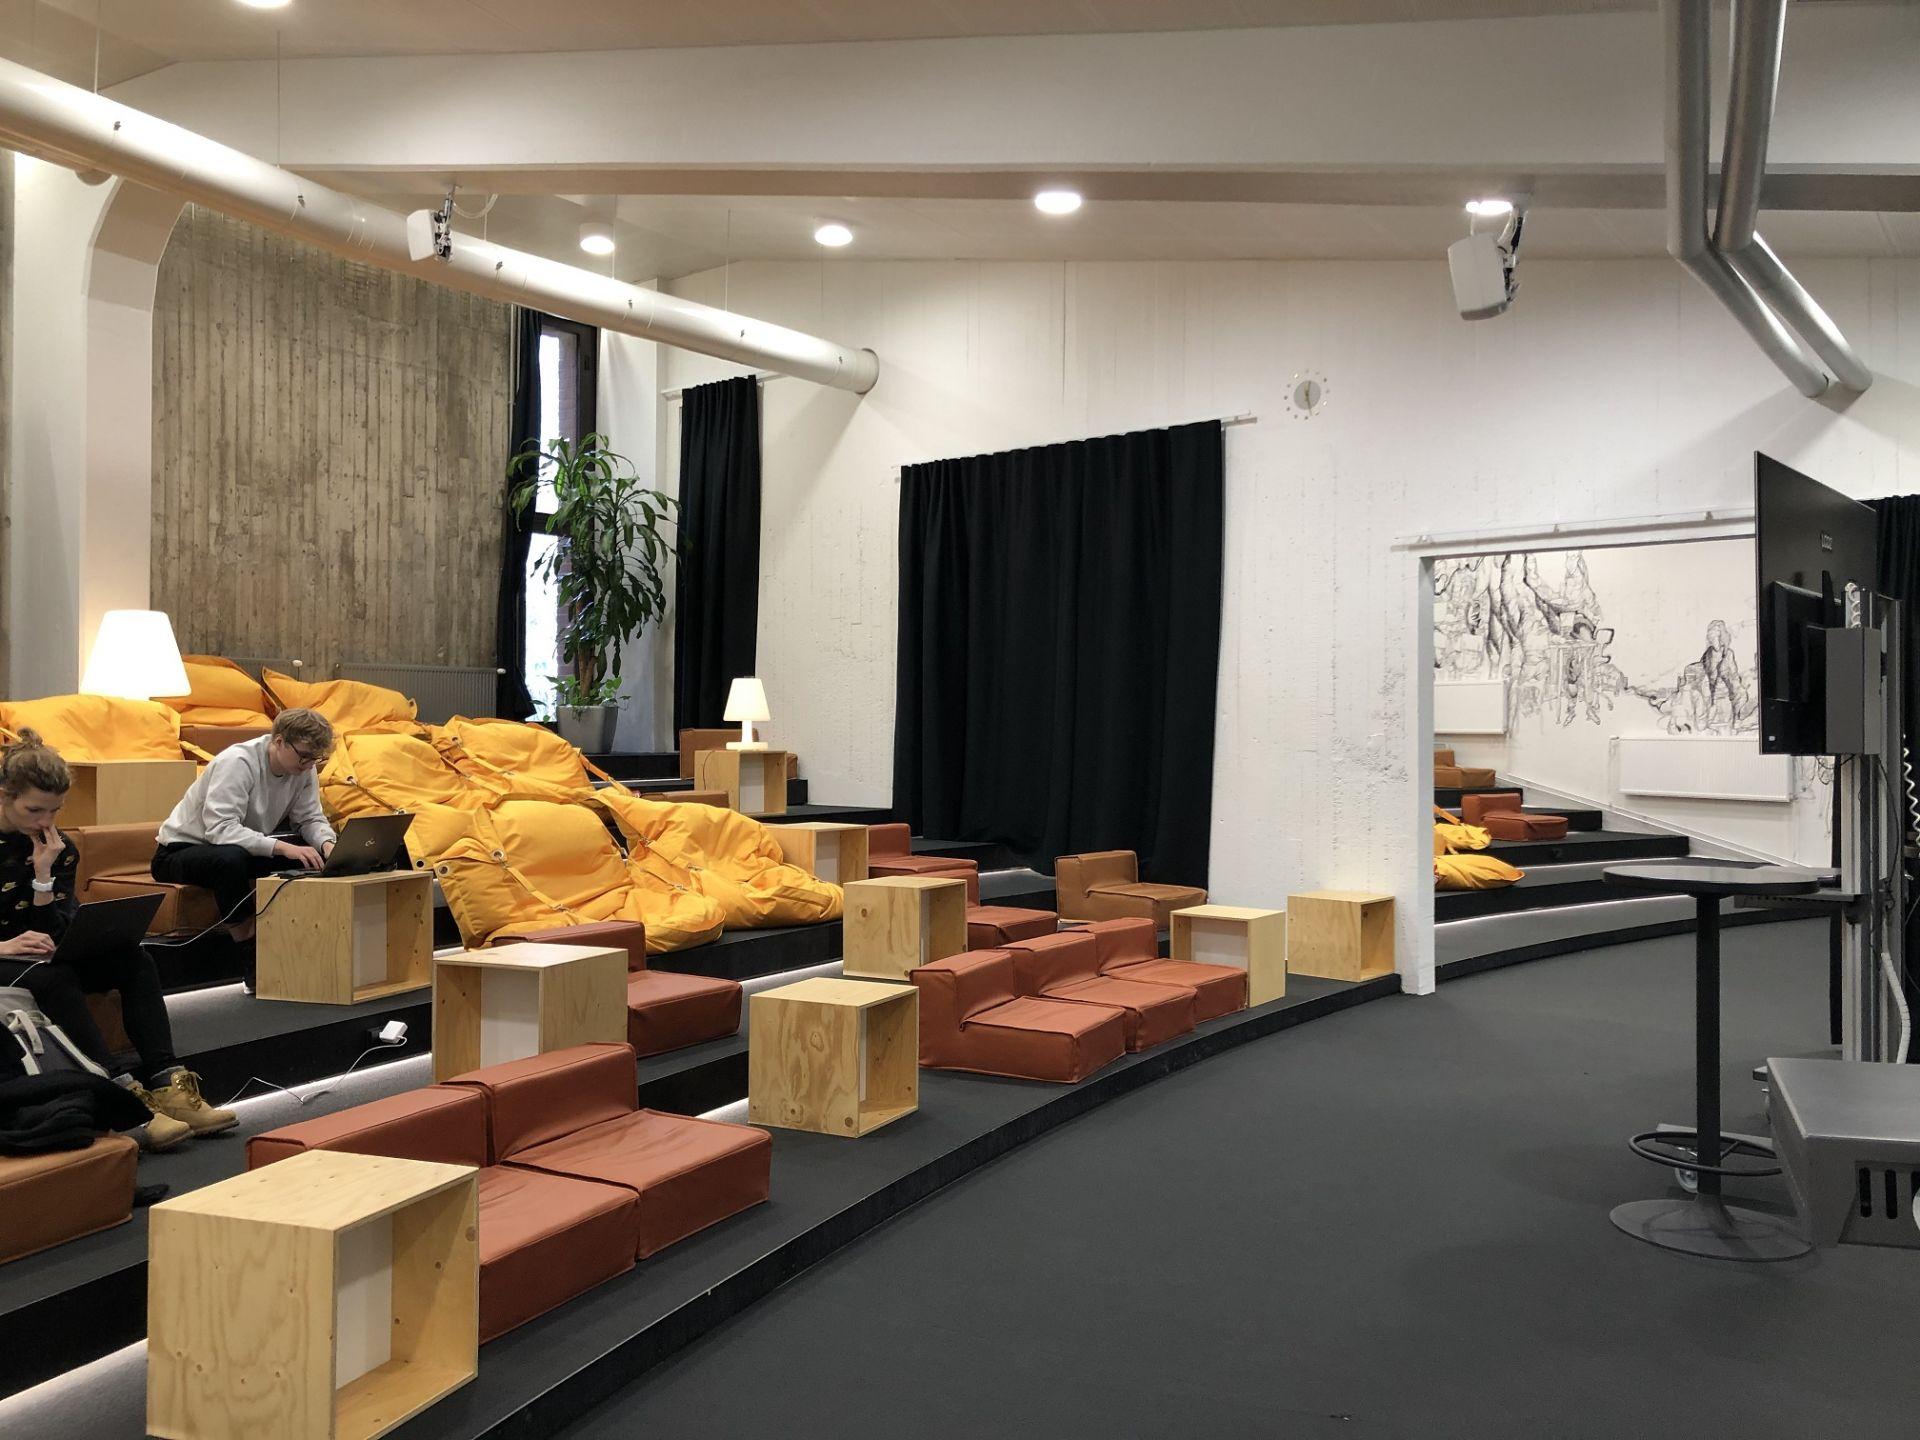 Prostredie pre prácu, ako aj spoločenské priestory, je rôznorodé, od množstva menších či väčších kaviarničiek, kantín, prezentačných priestorov, študovní po samostatné či zdieľané pracovné prostredie.